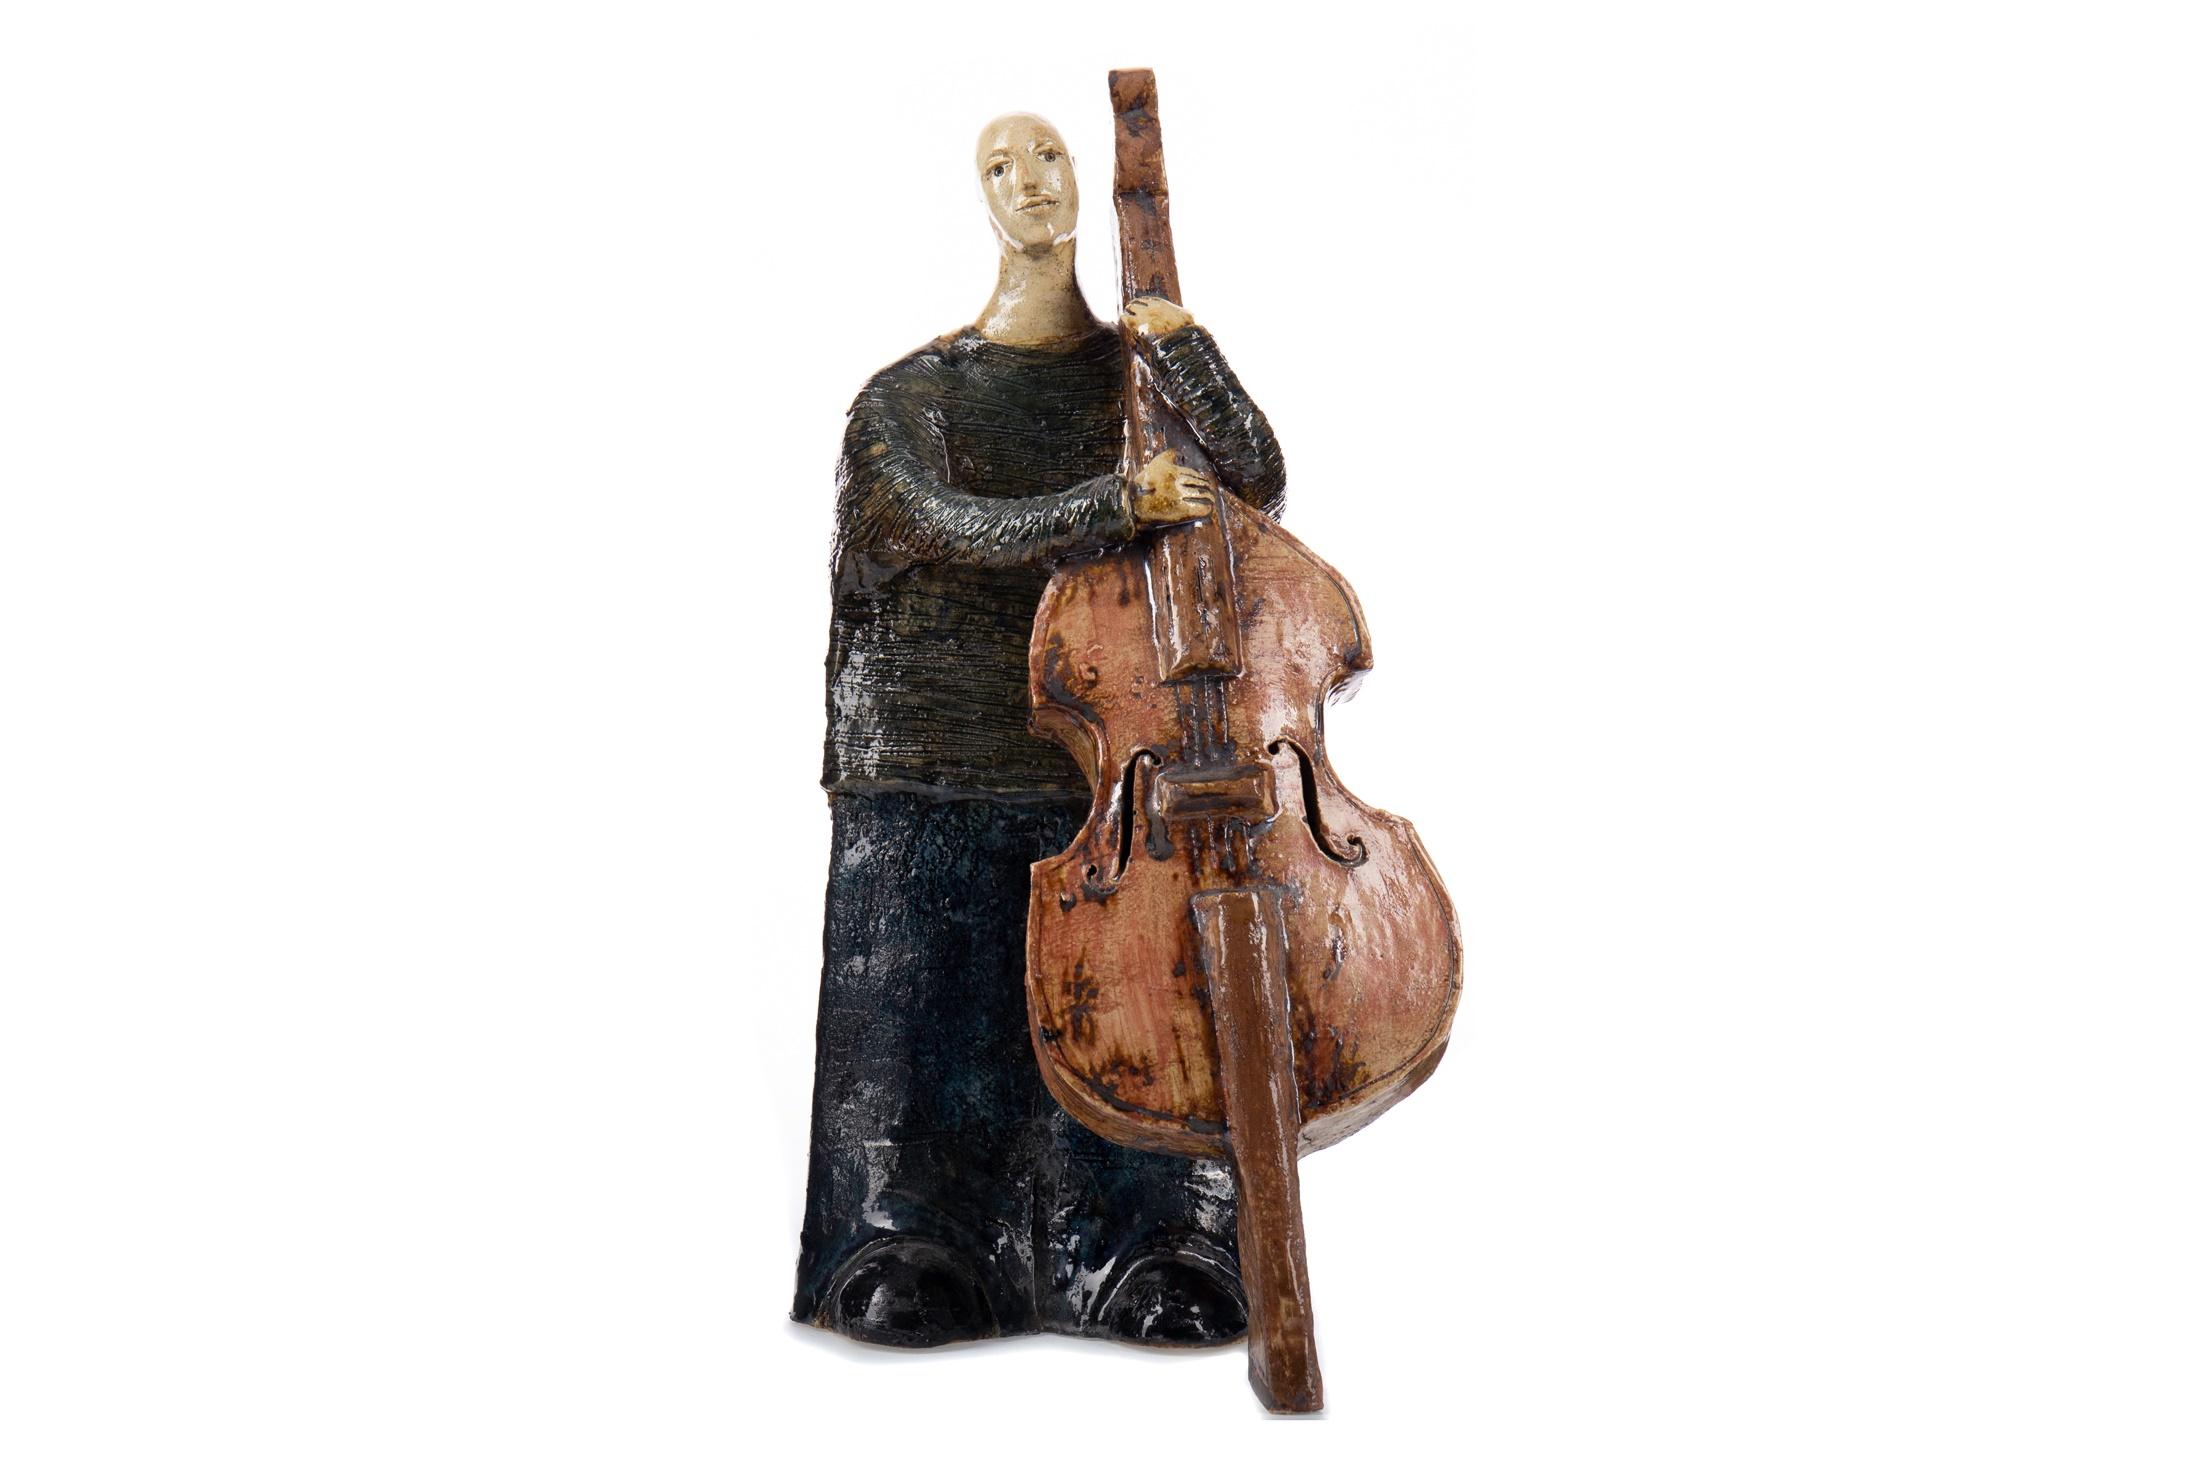 MUSICIAN, A SCULPTURE BY LUDMILLA KOSIMA